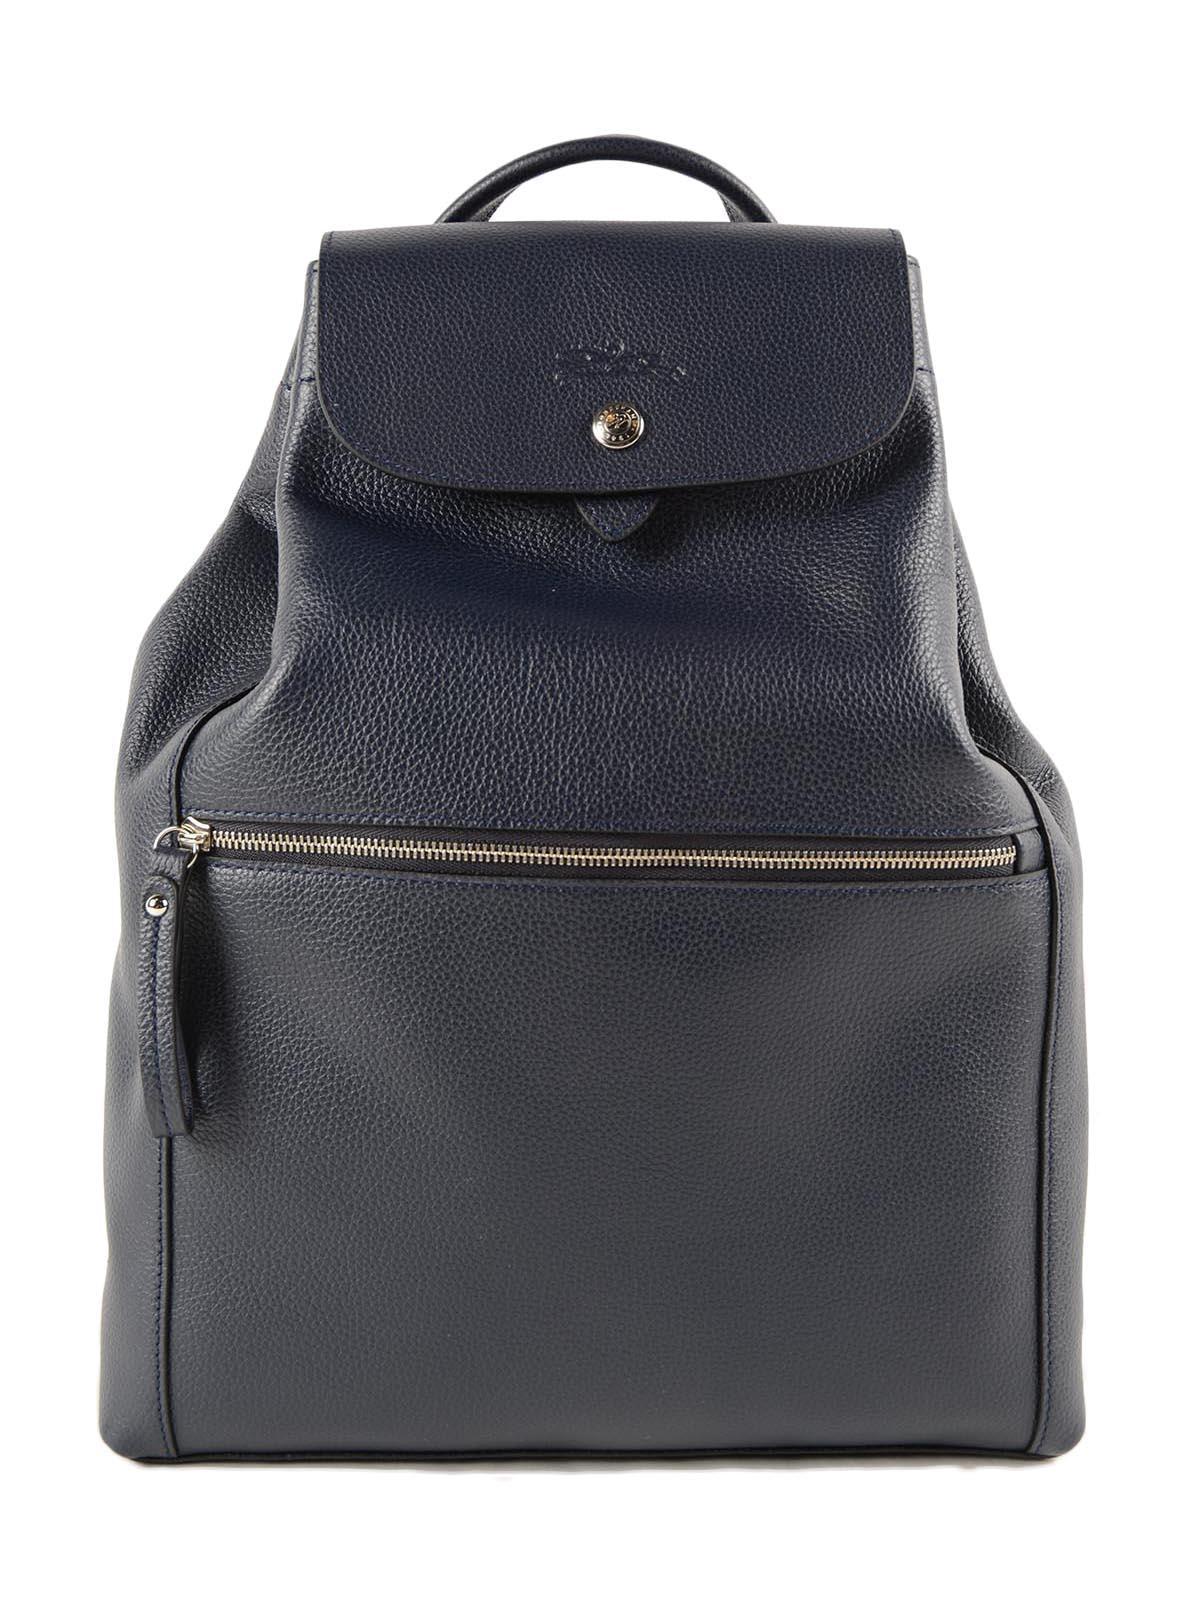 9fb811cd28e Longchamp Le Foulonne Backpack Review | Sante Blog